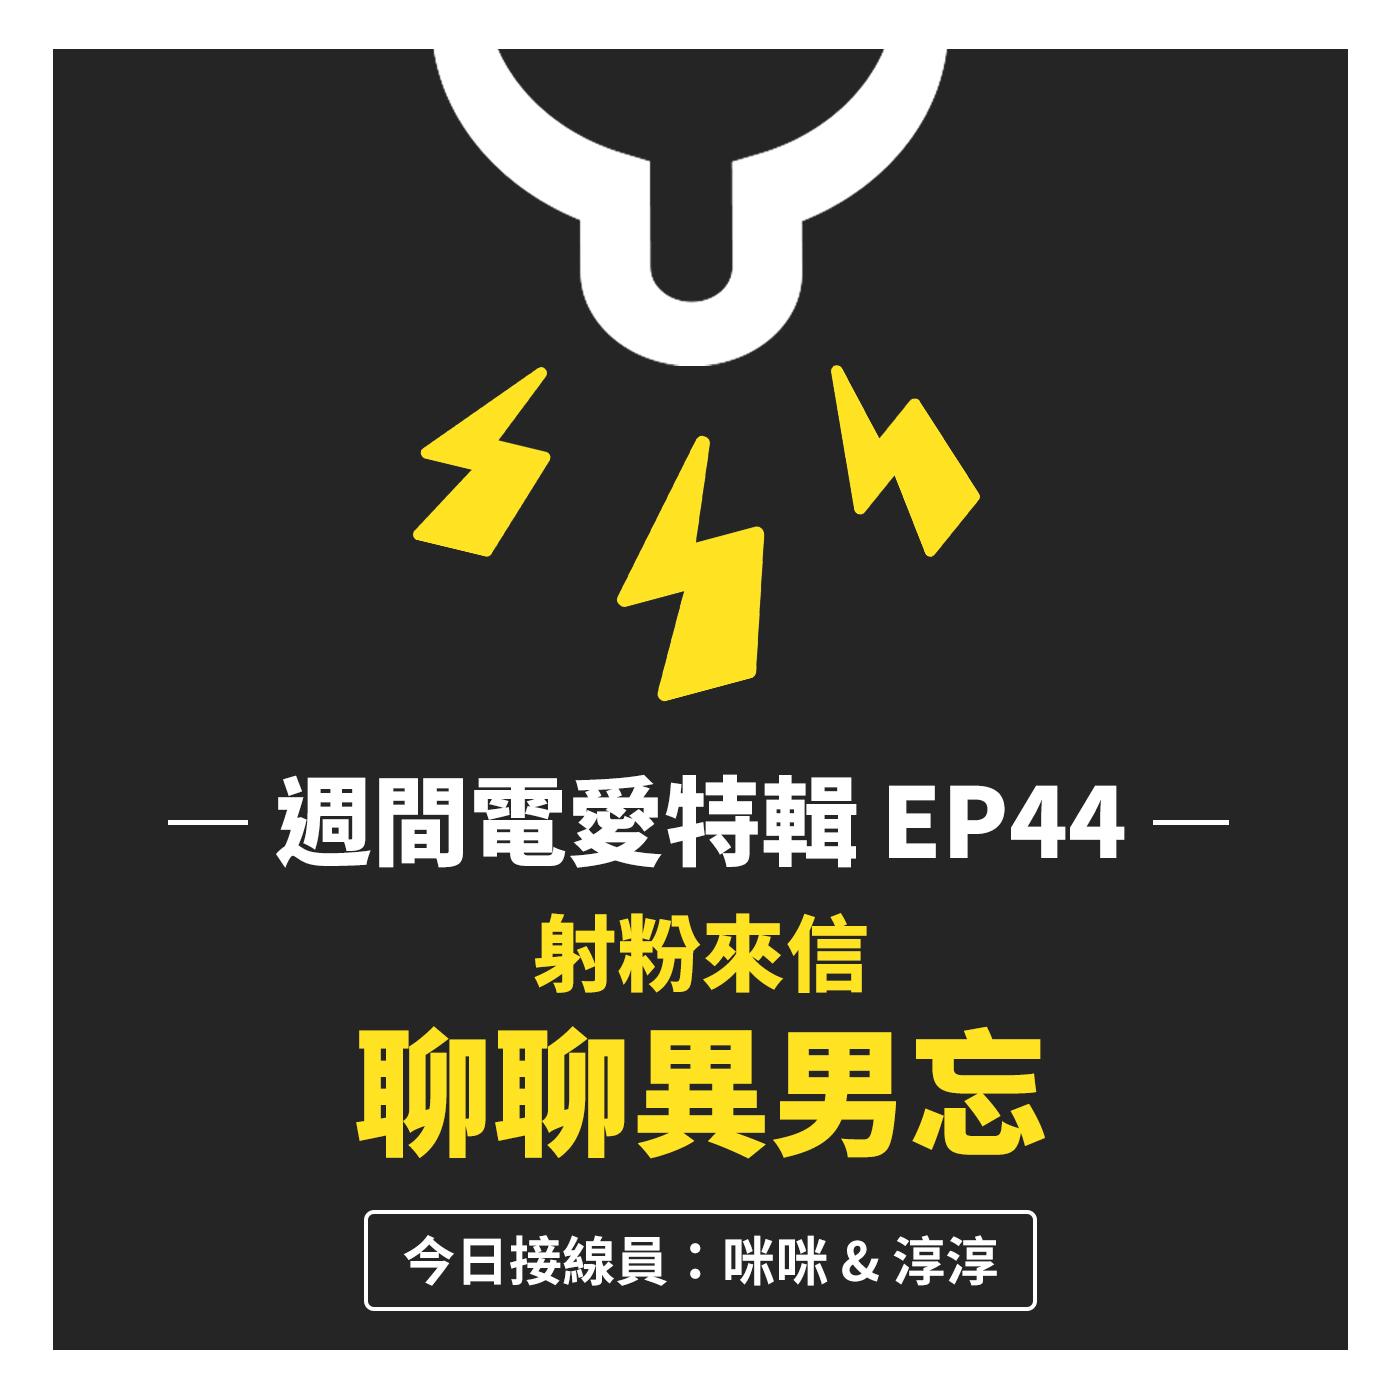 [週間電愛特輯] EP44 射粉來信 - 聊聊異男忘